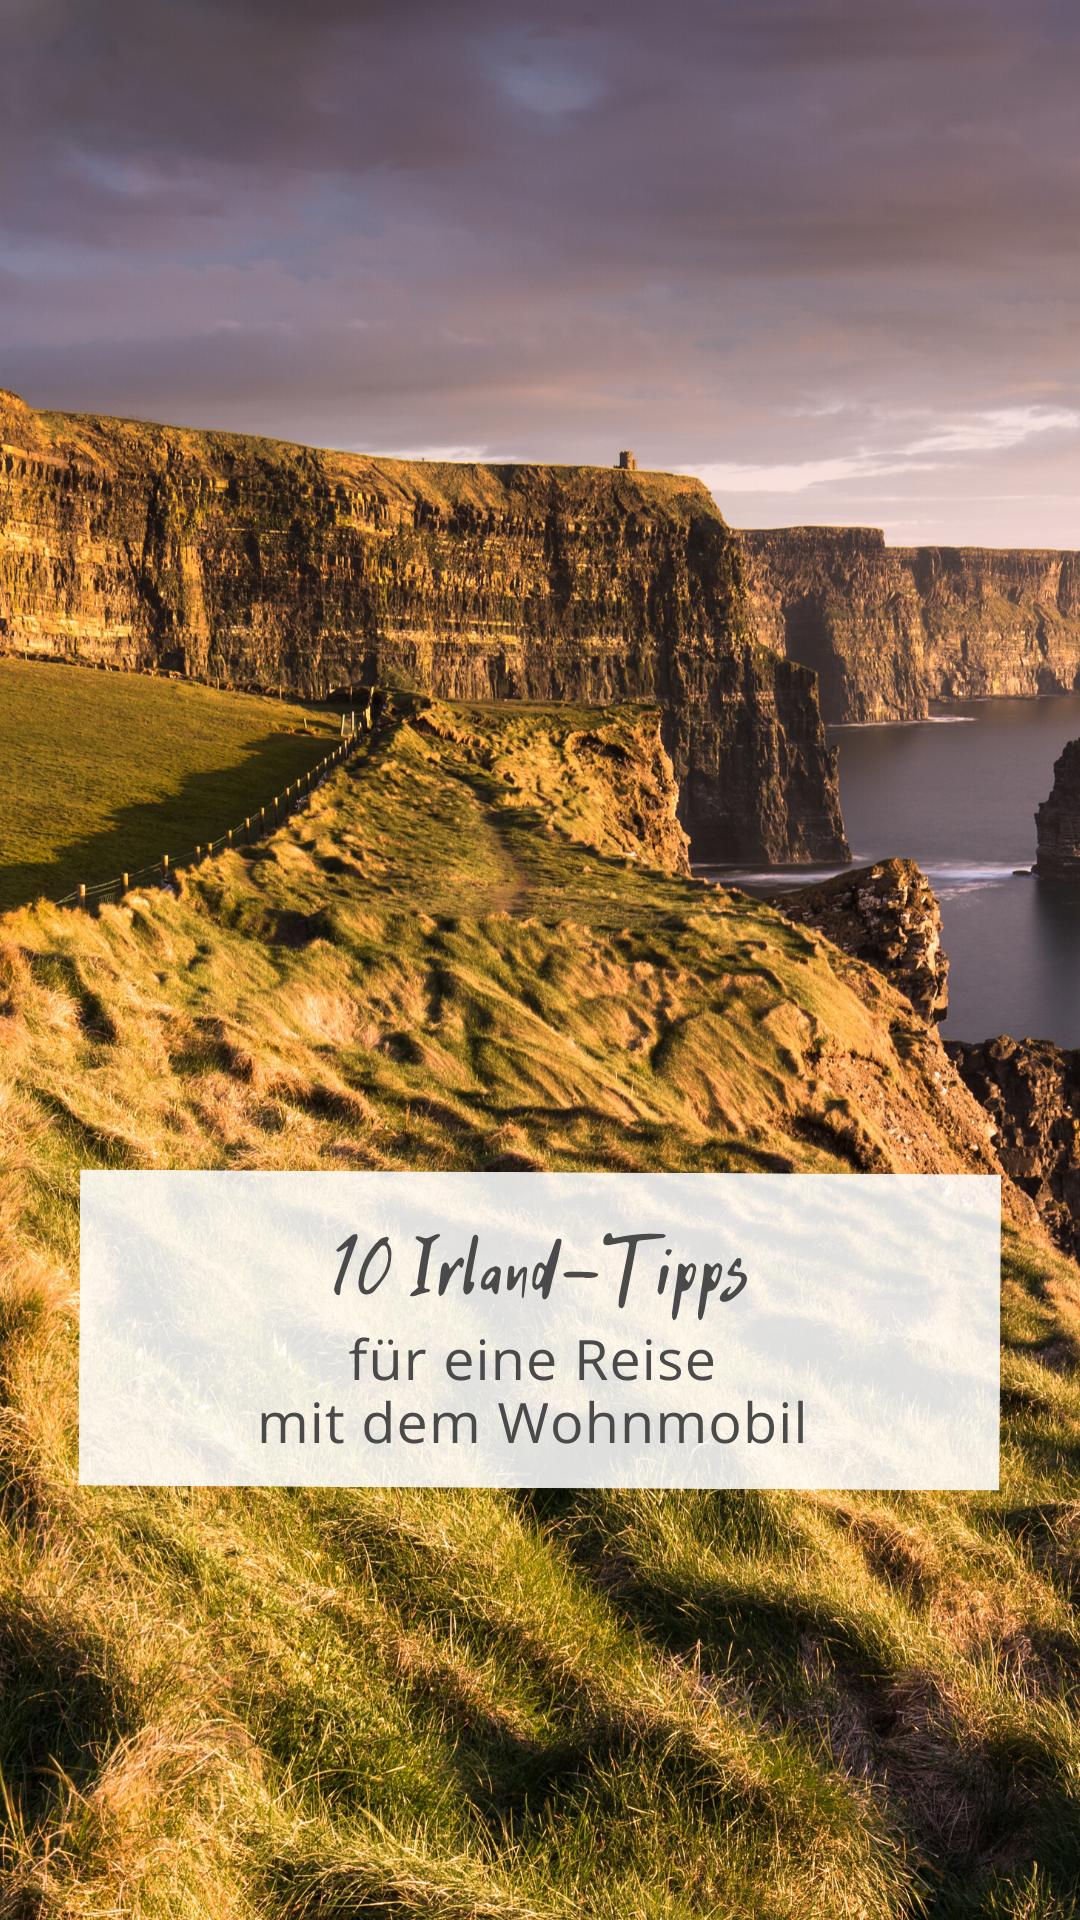 9 Irland Reise-Tipps für eure nächste Wohnmobil-Rundreise in 9